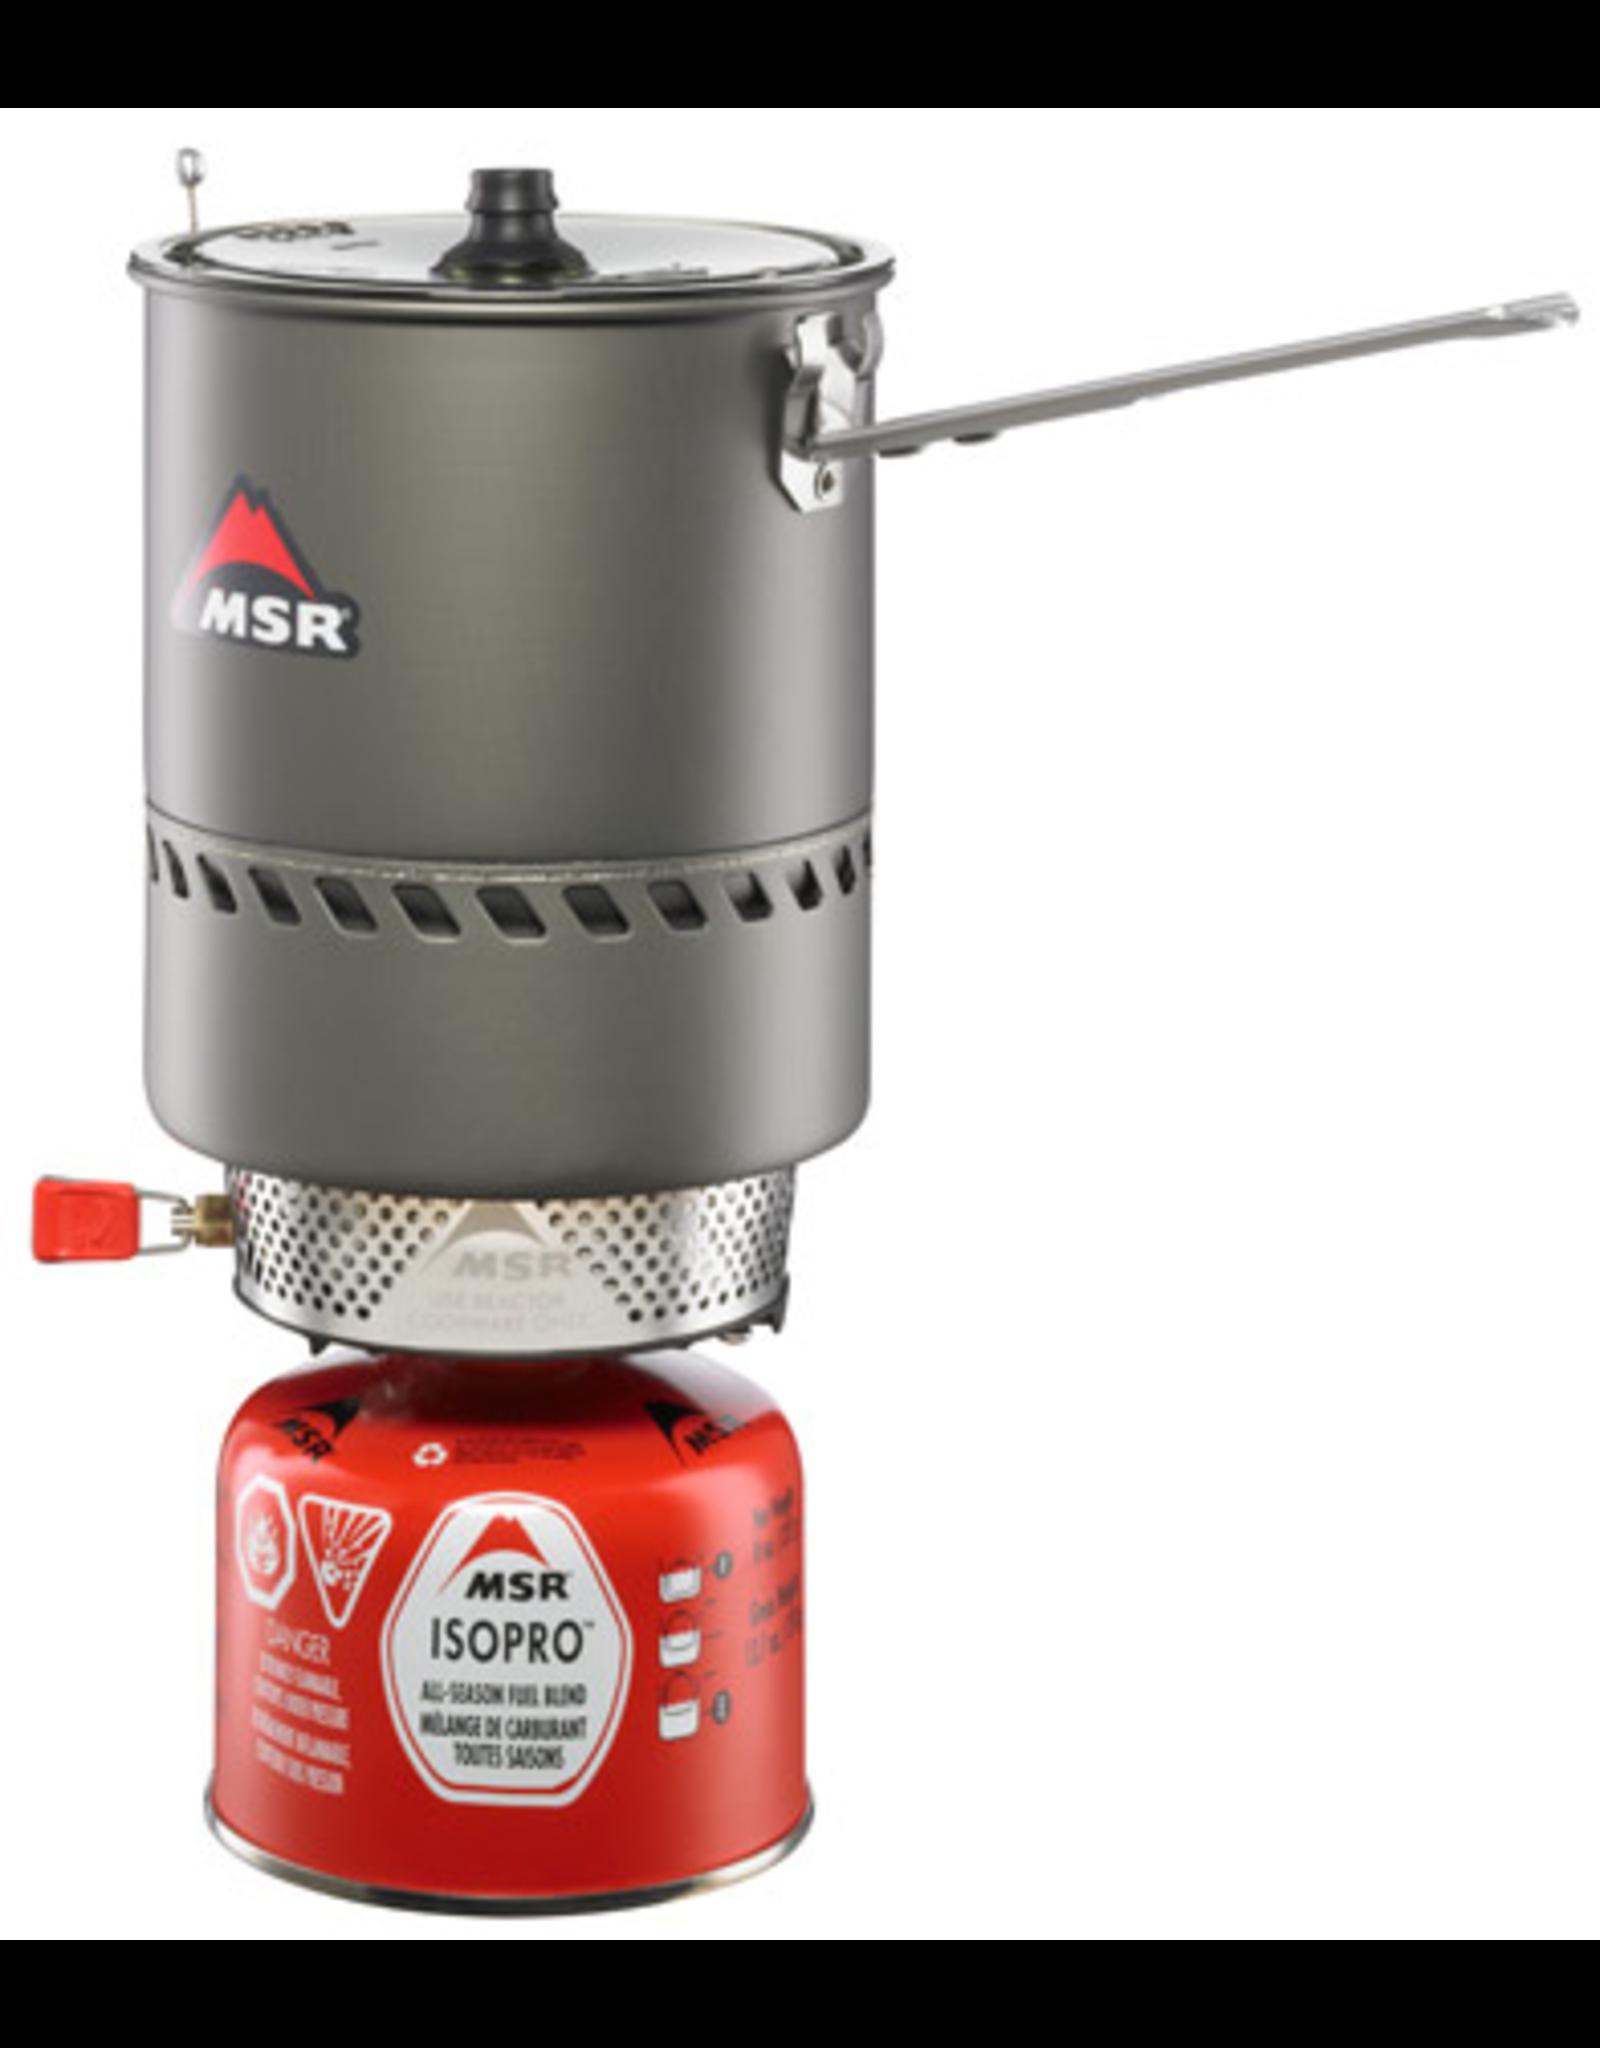 MSR MSR Reactor 1.7 L Stove System